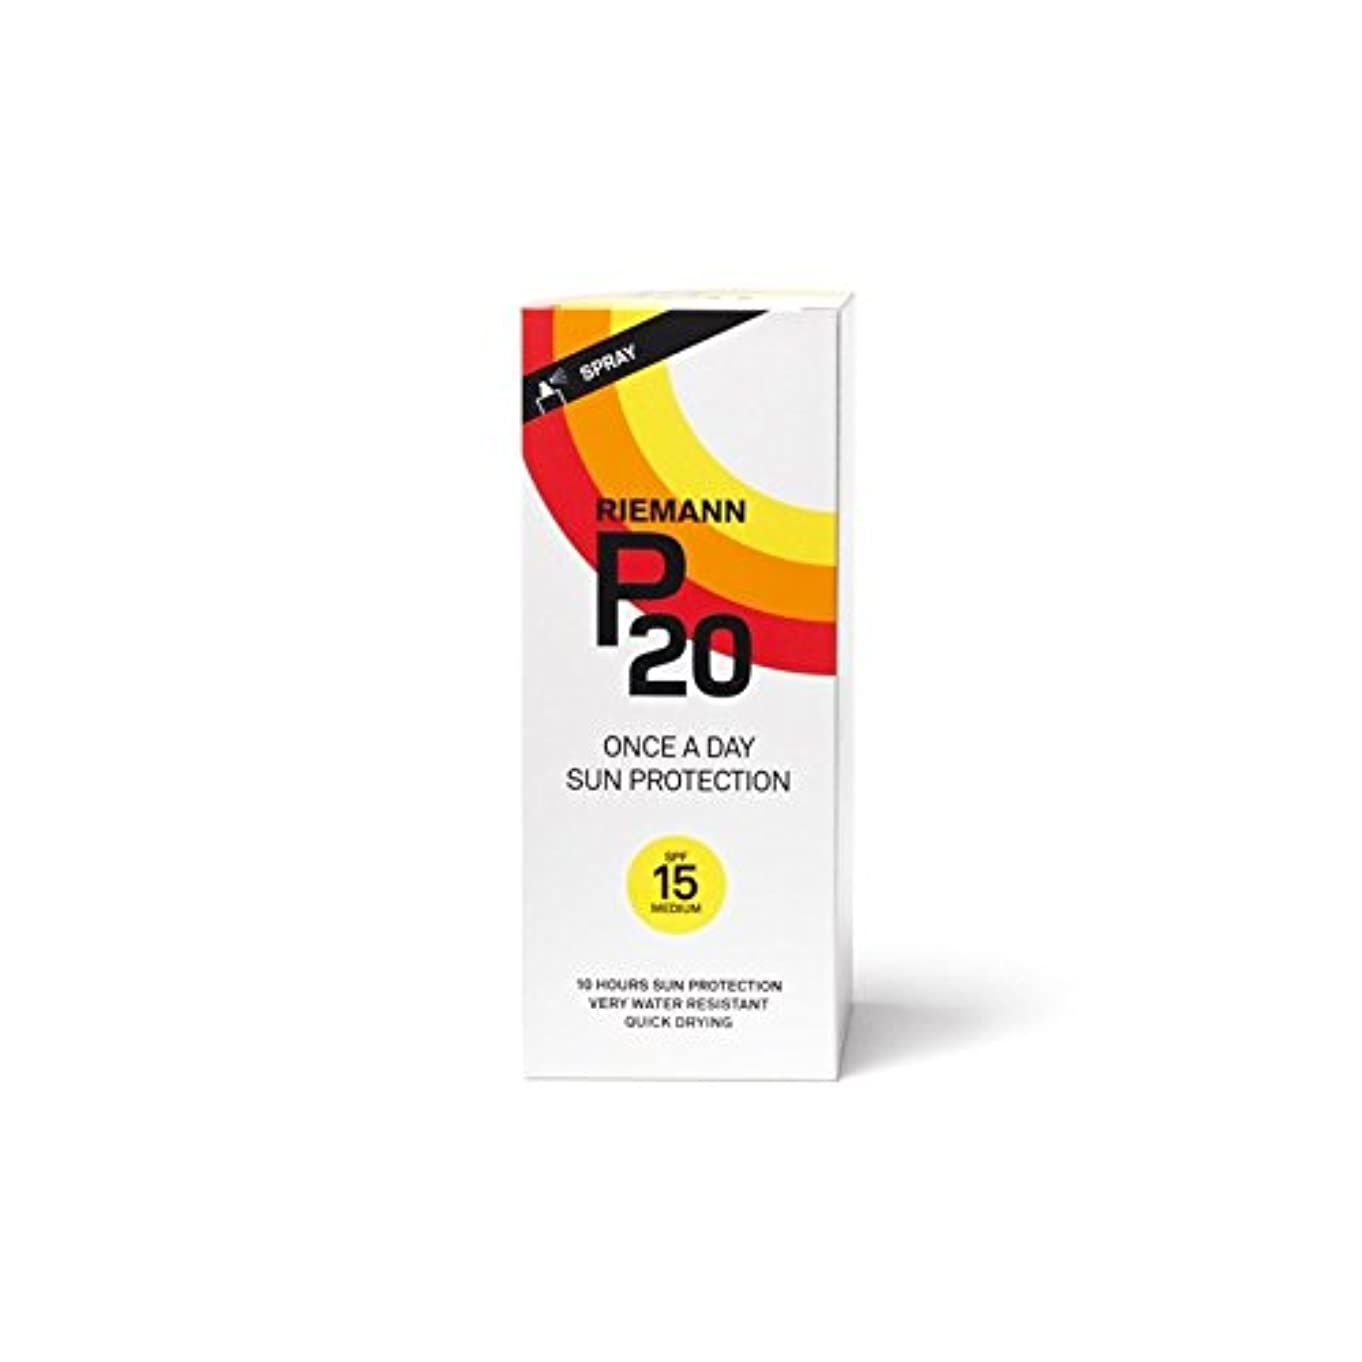 到着する頭痛贅沢なリーマン20のサンフィルター200ミリリットル15 x2 - Riemann P20 Sun Filter 200ml SPF15 (Pack of 2) [並行輸入品]